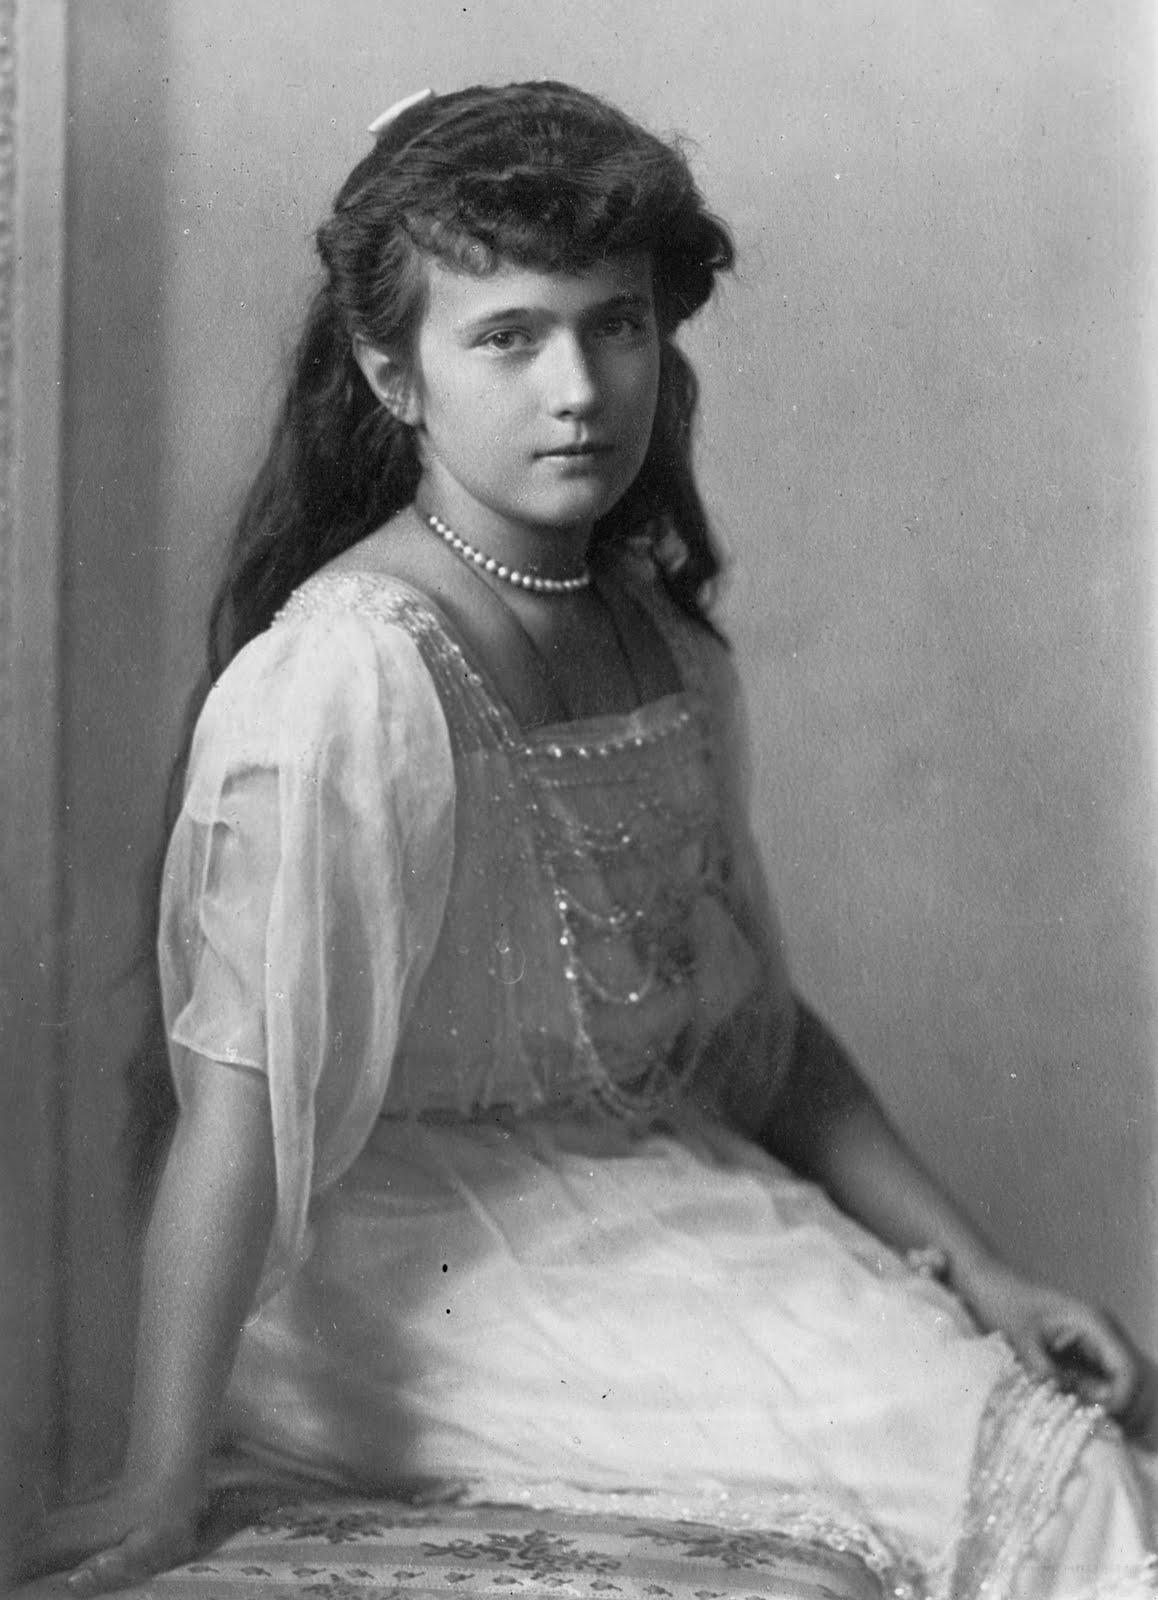 http://4.bp.blogspot.com/_t14ZQV6ilcw/TRu5sFiayqI/AAAAAAAAAos/HtYokw9rIC8/s1600/Grand_Duchess_Anastasia_Nikolaevna.jpg